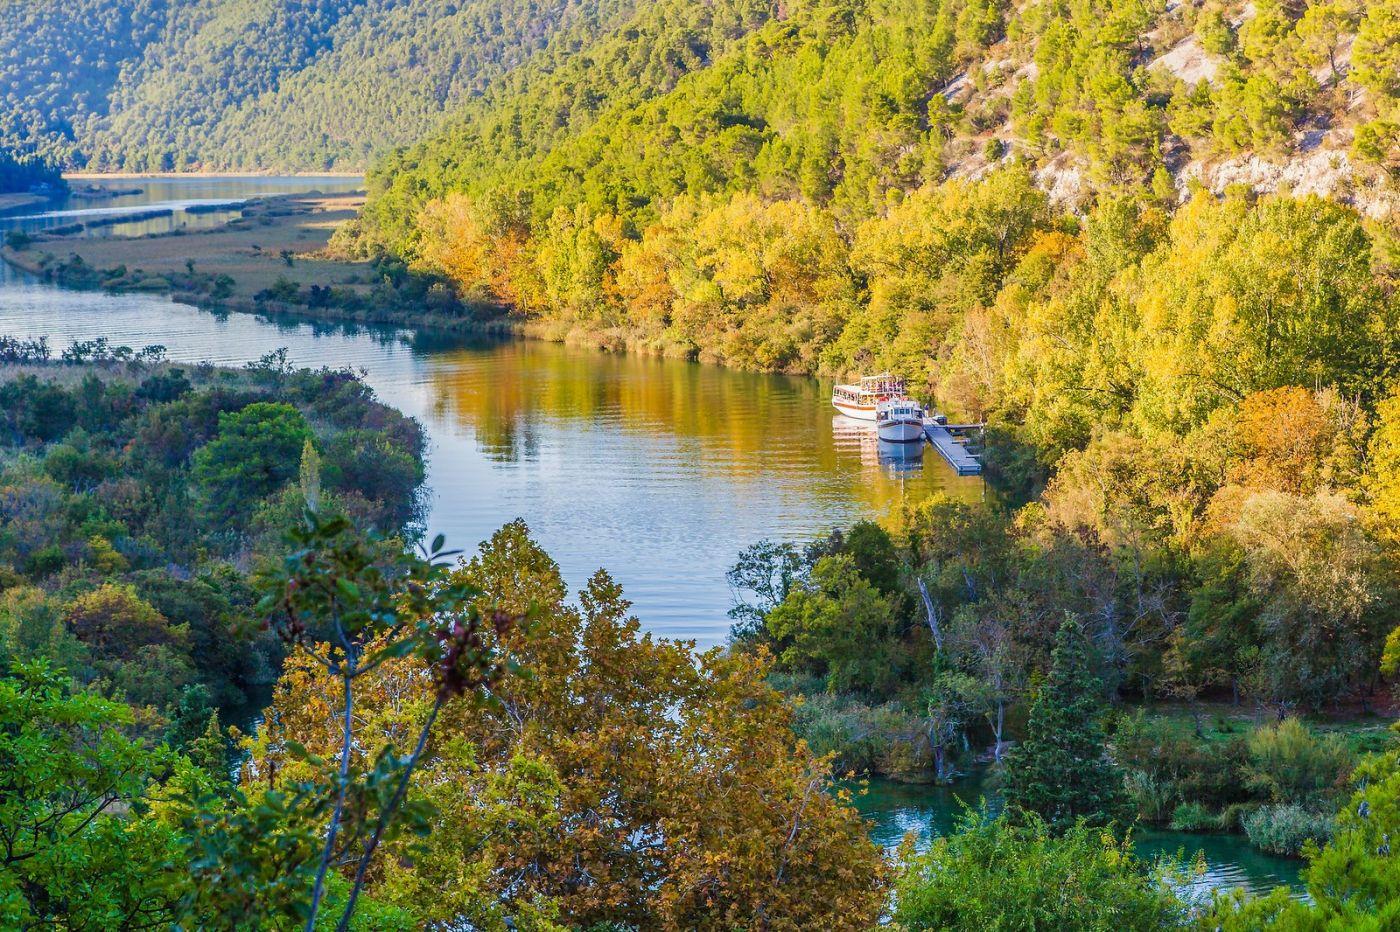 克罗地亚克尔卡国家公园(Krka National Park),小桥小路小房_图1-6